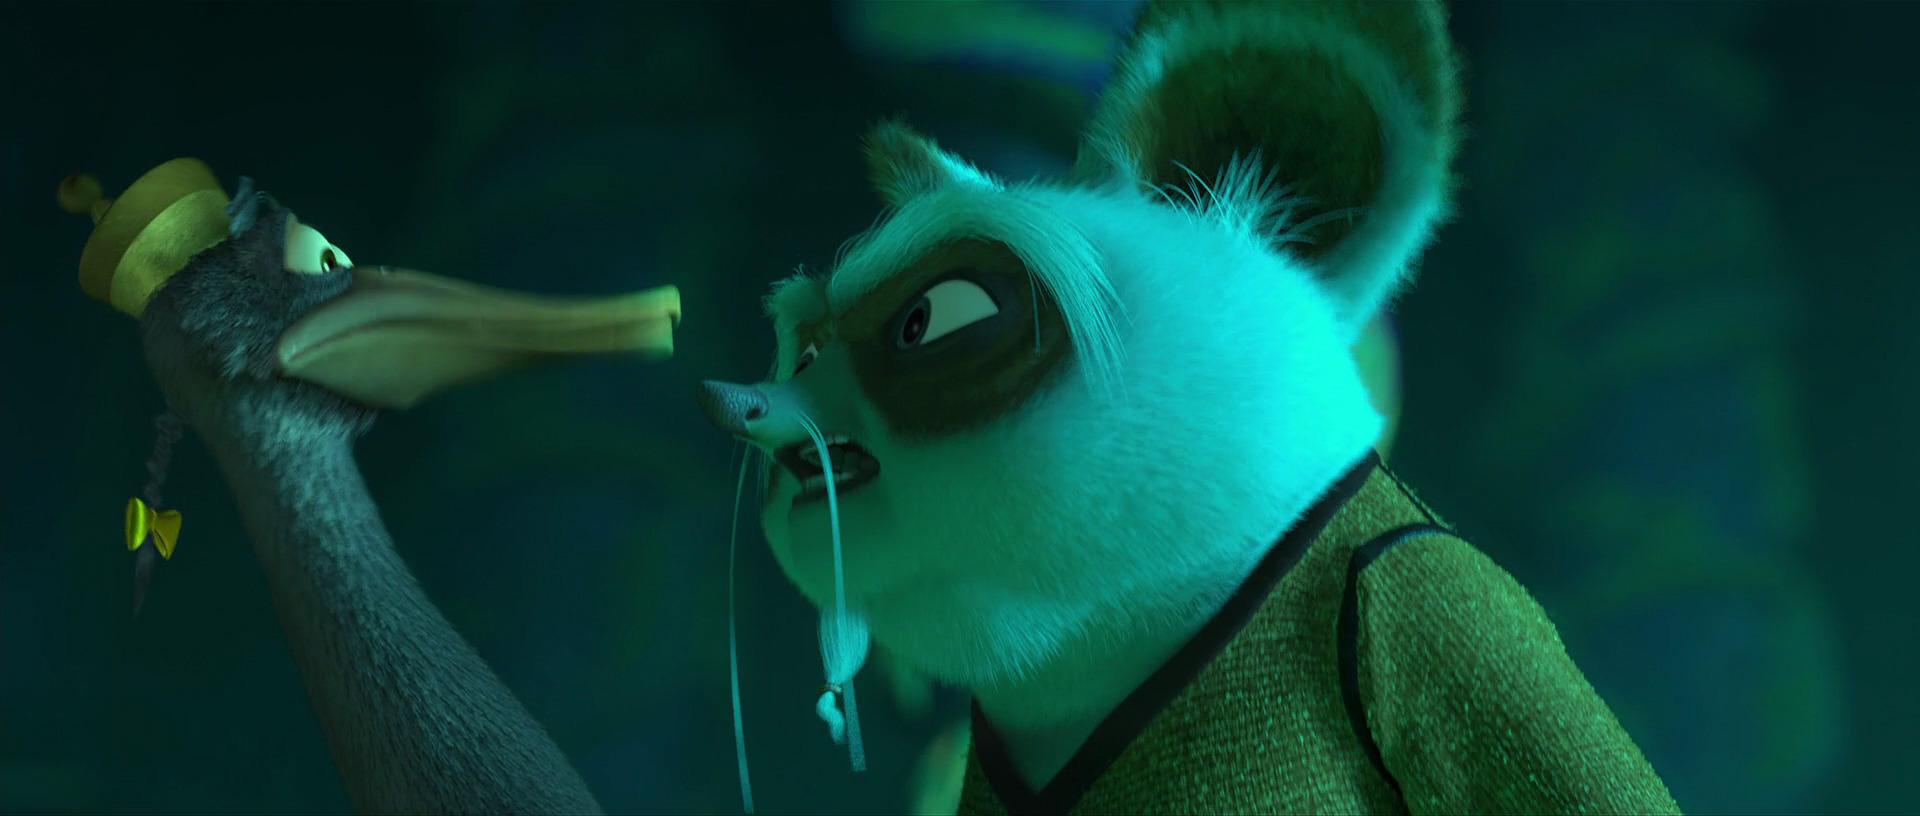 Zeng shifu - Kung fu panda shifu ...